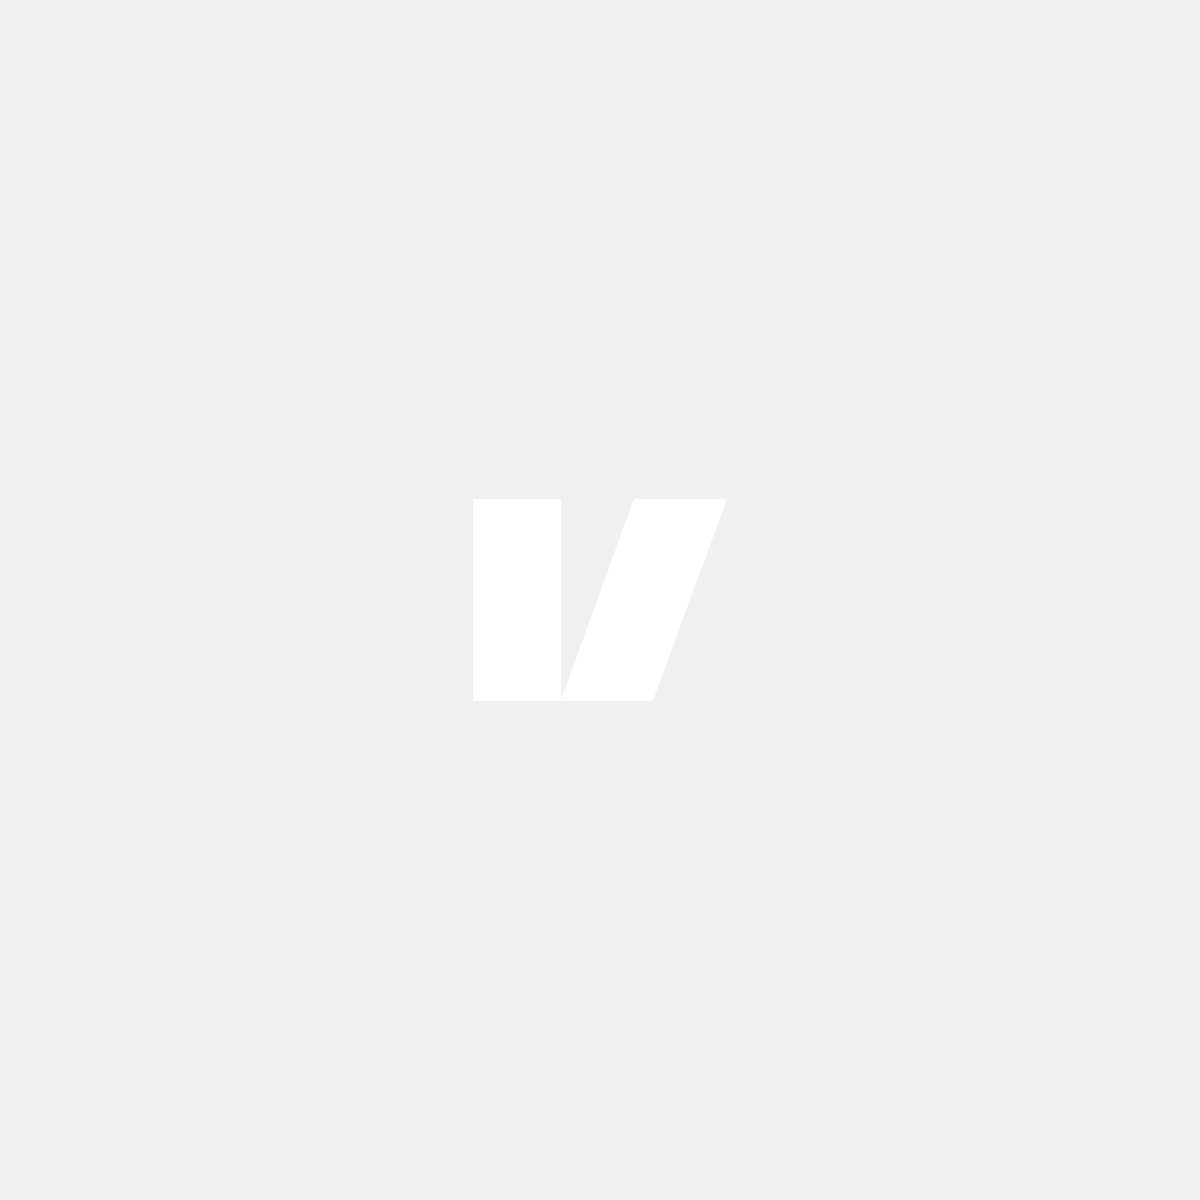 JR Sportluftfilter till Volvo Amazon, B20, SU